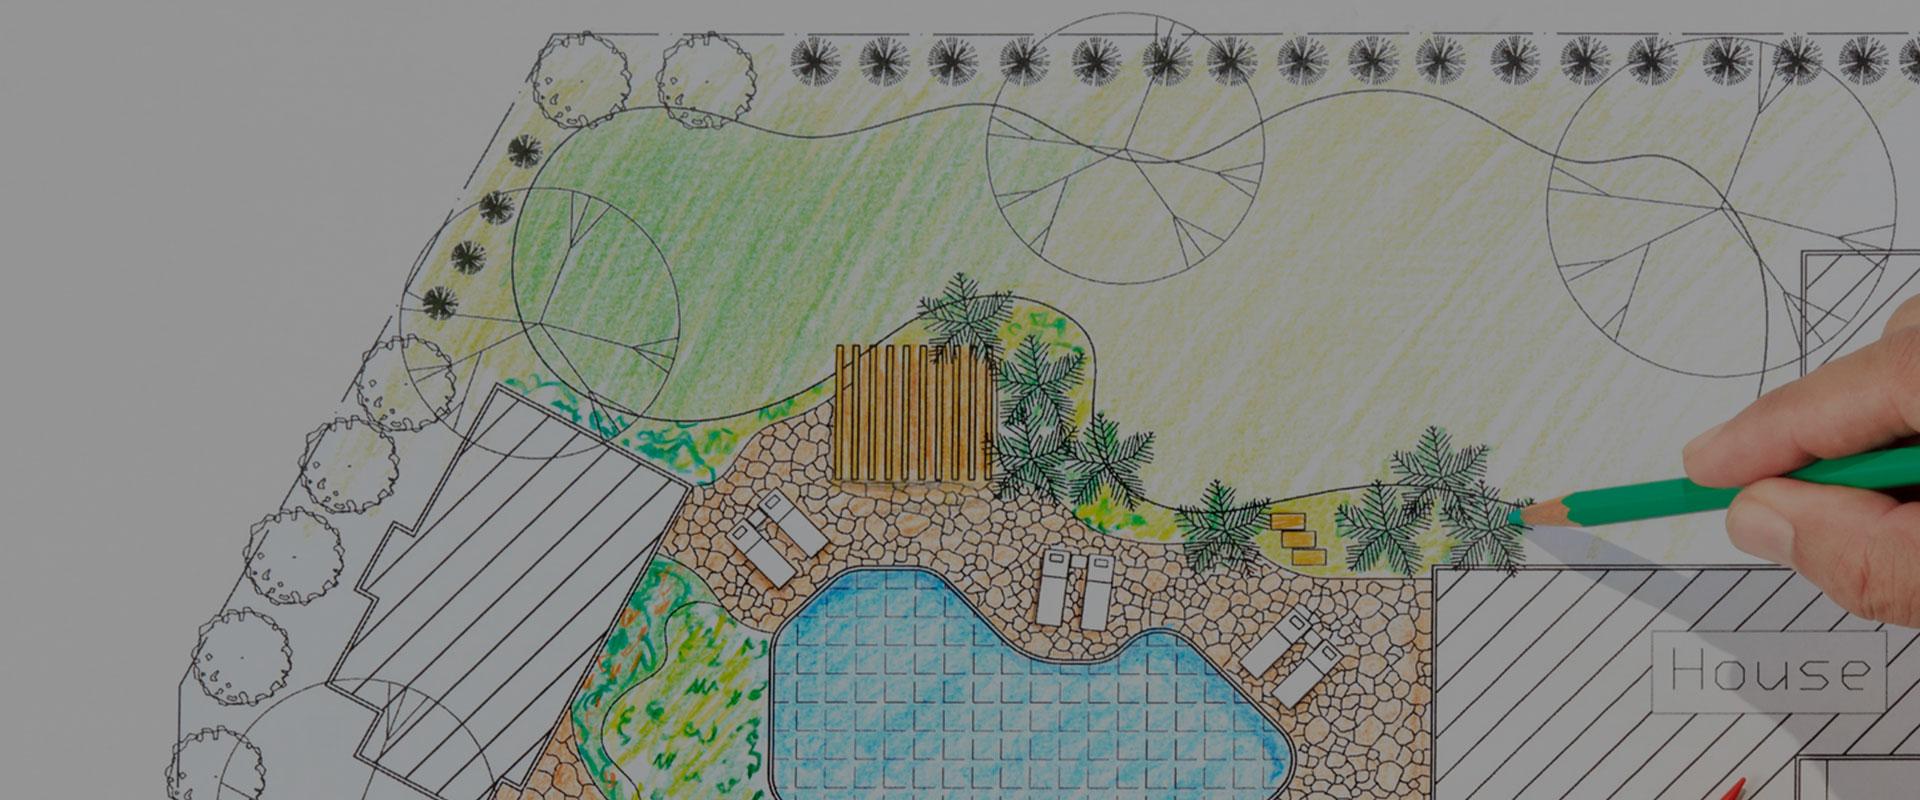 Bauplan Zeichnung